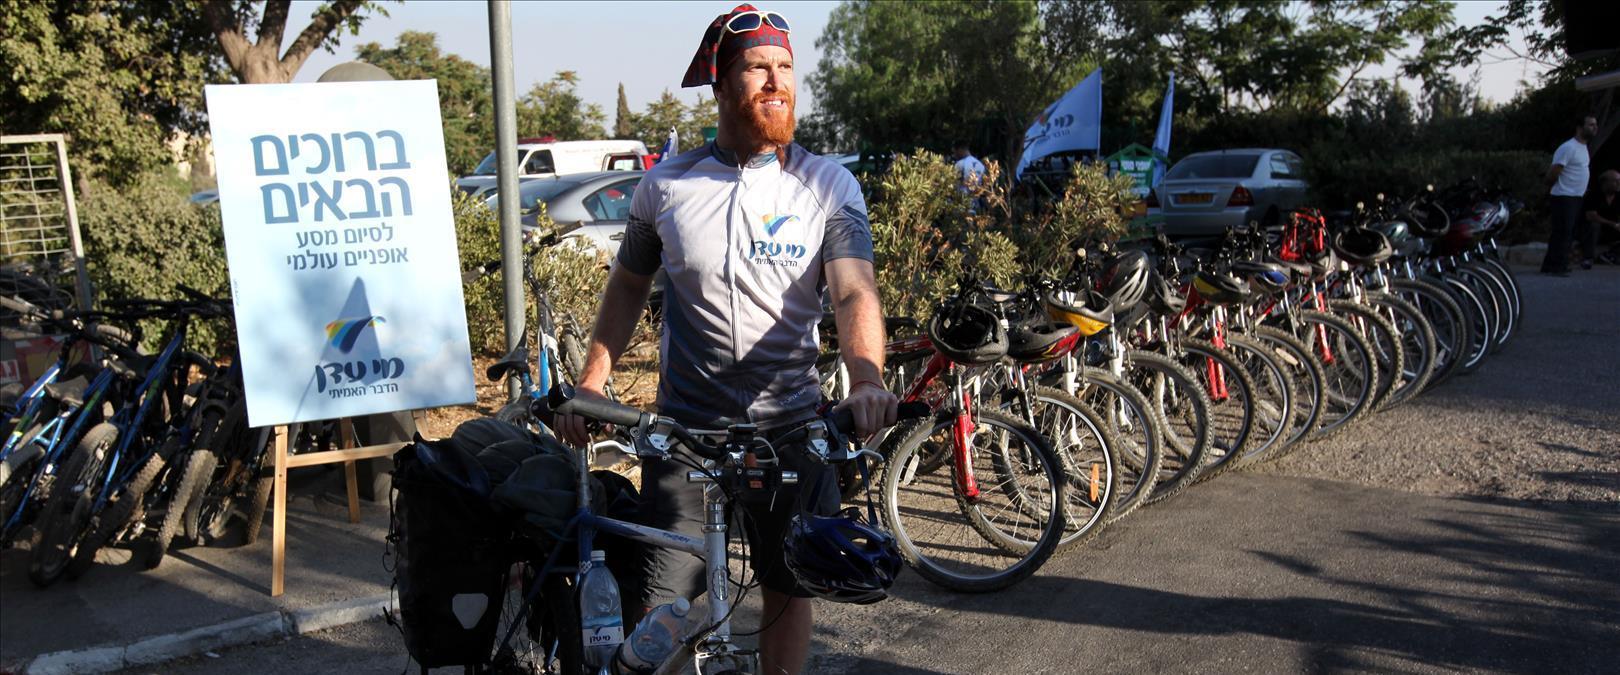 רוכב האופניים רועי סדן